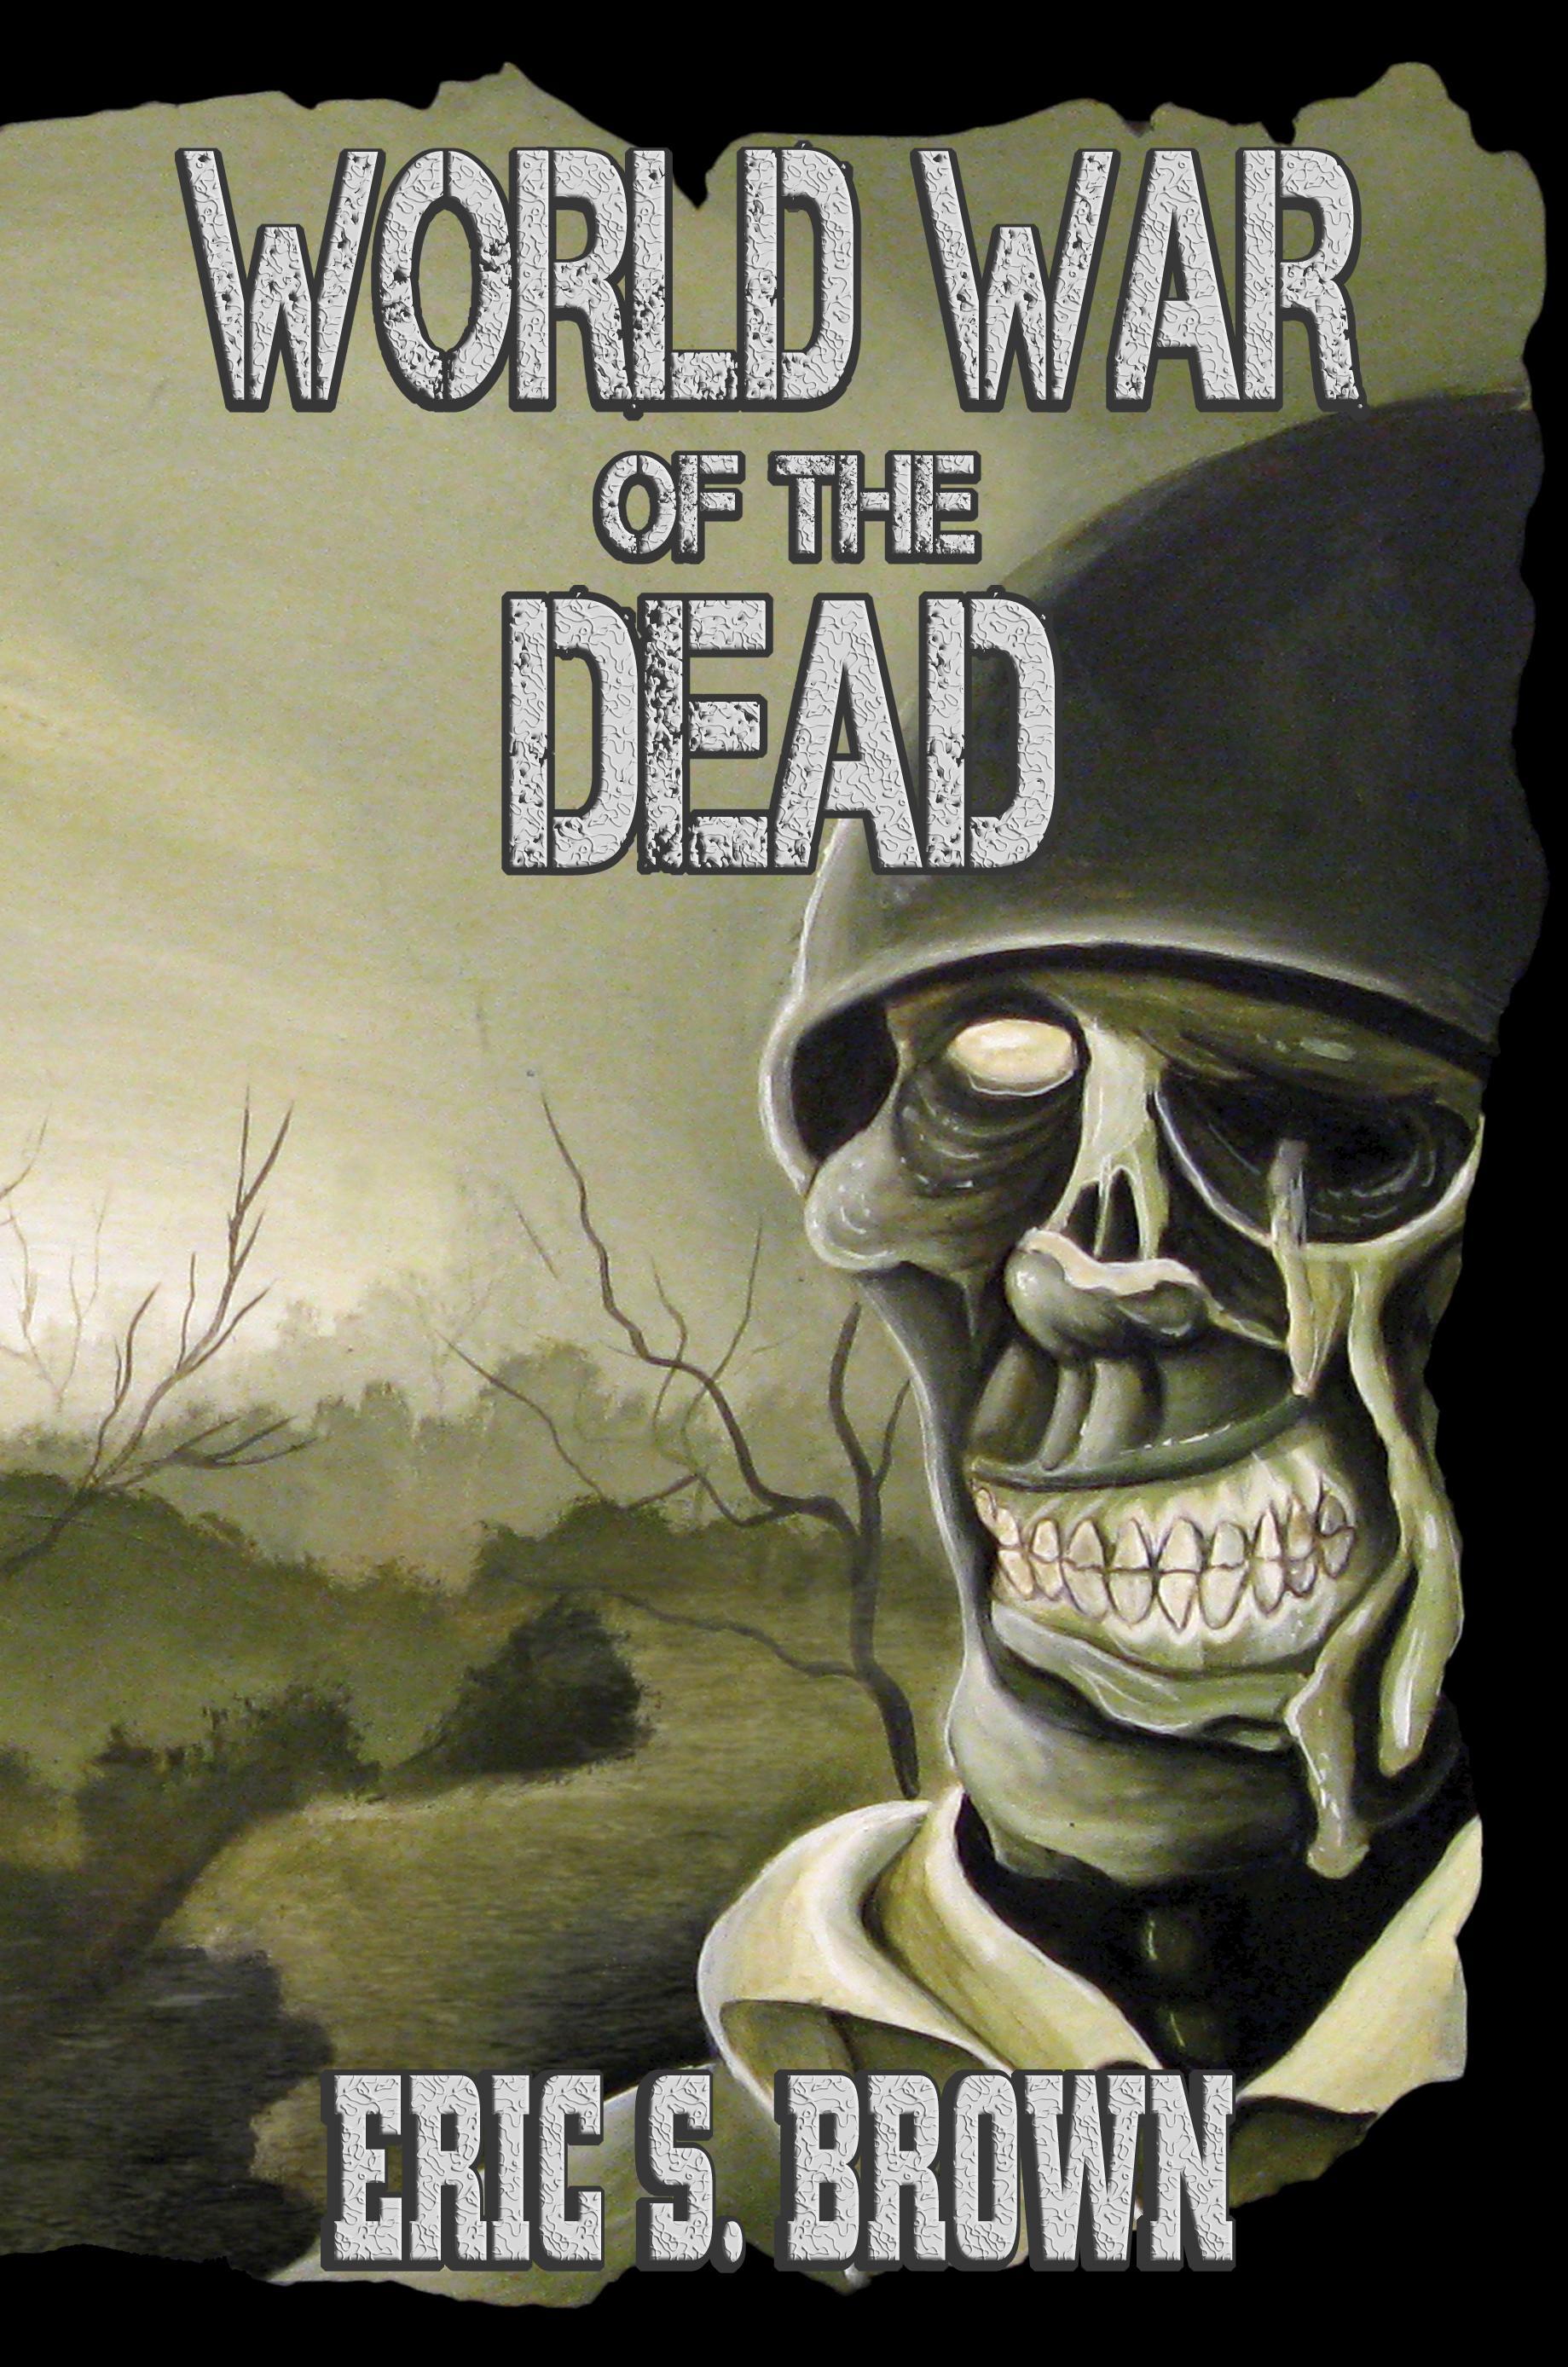 World War of the Dead: A Zombie Novel